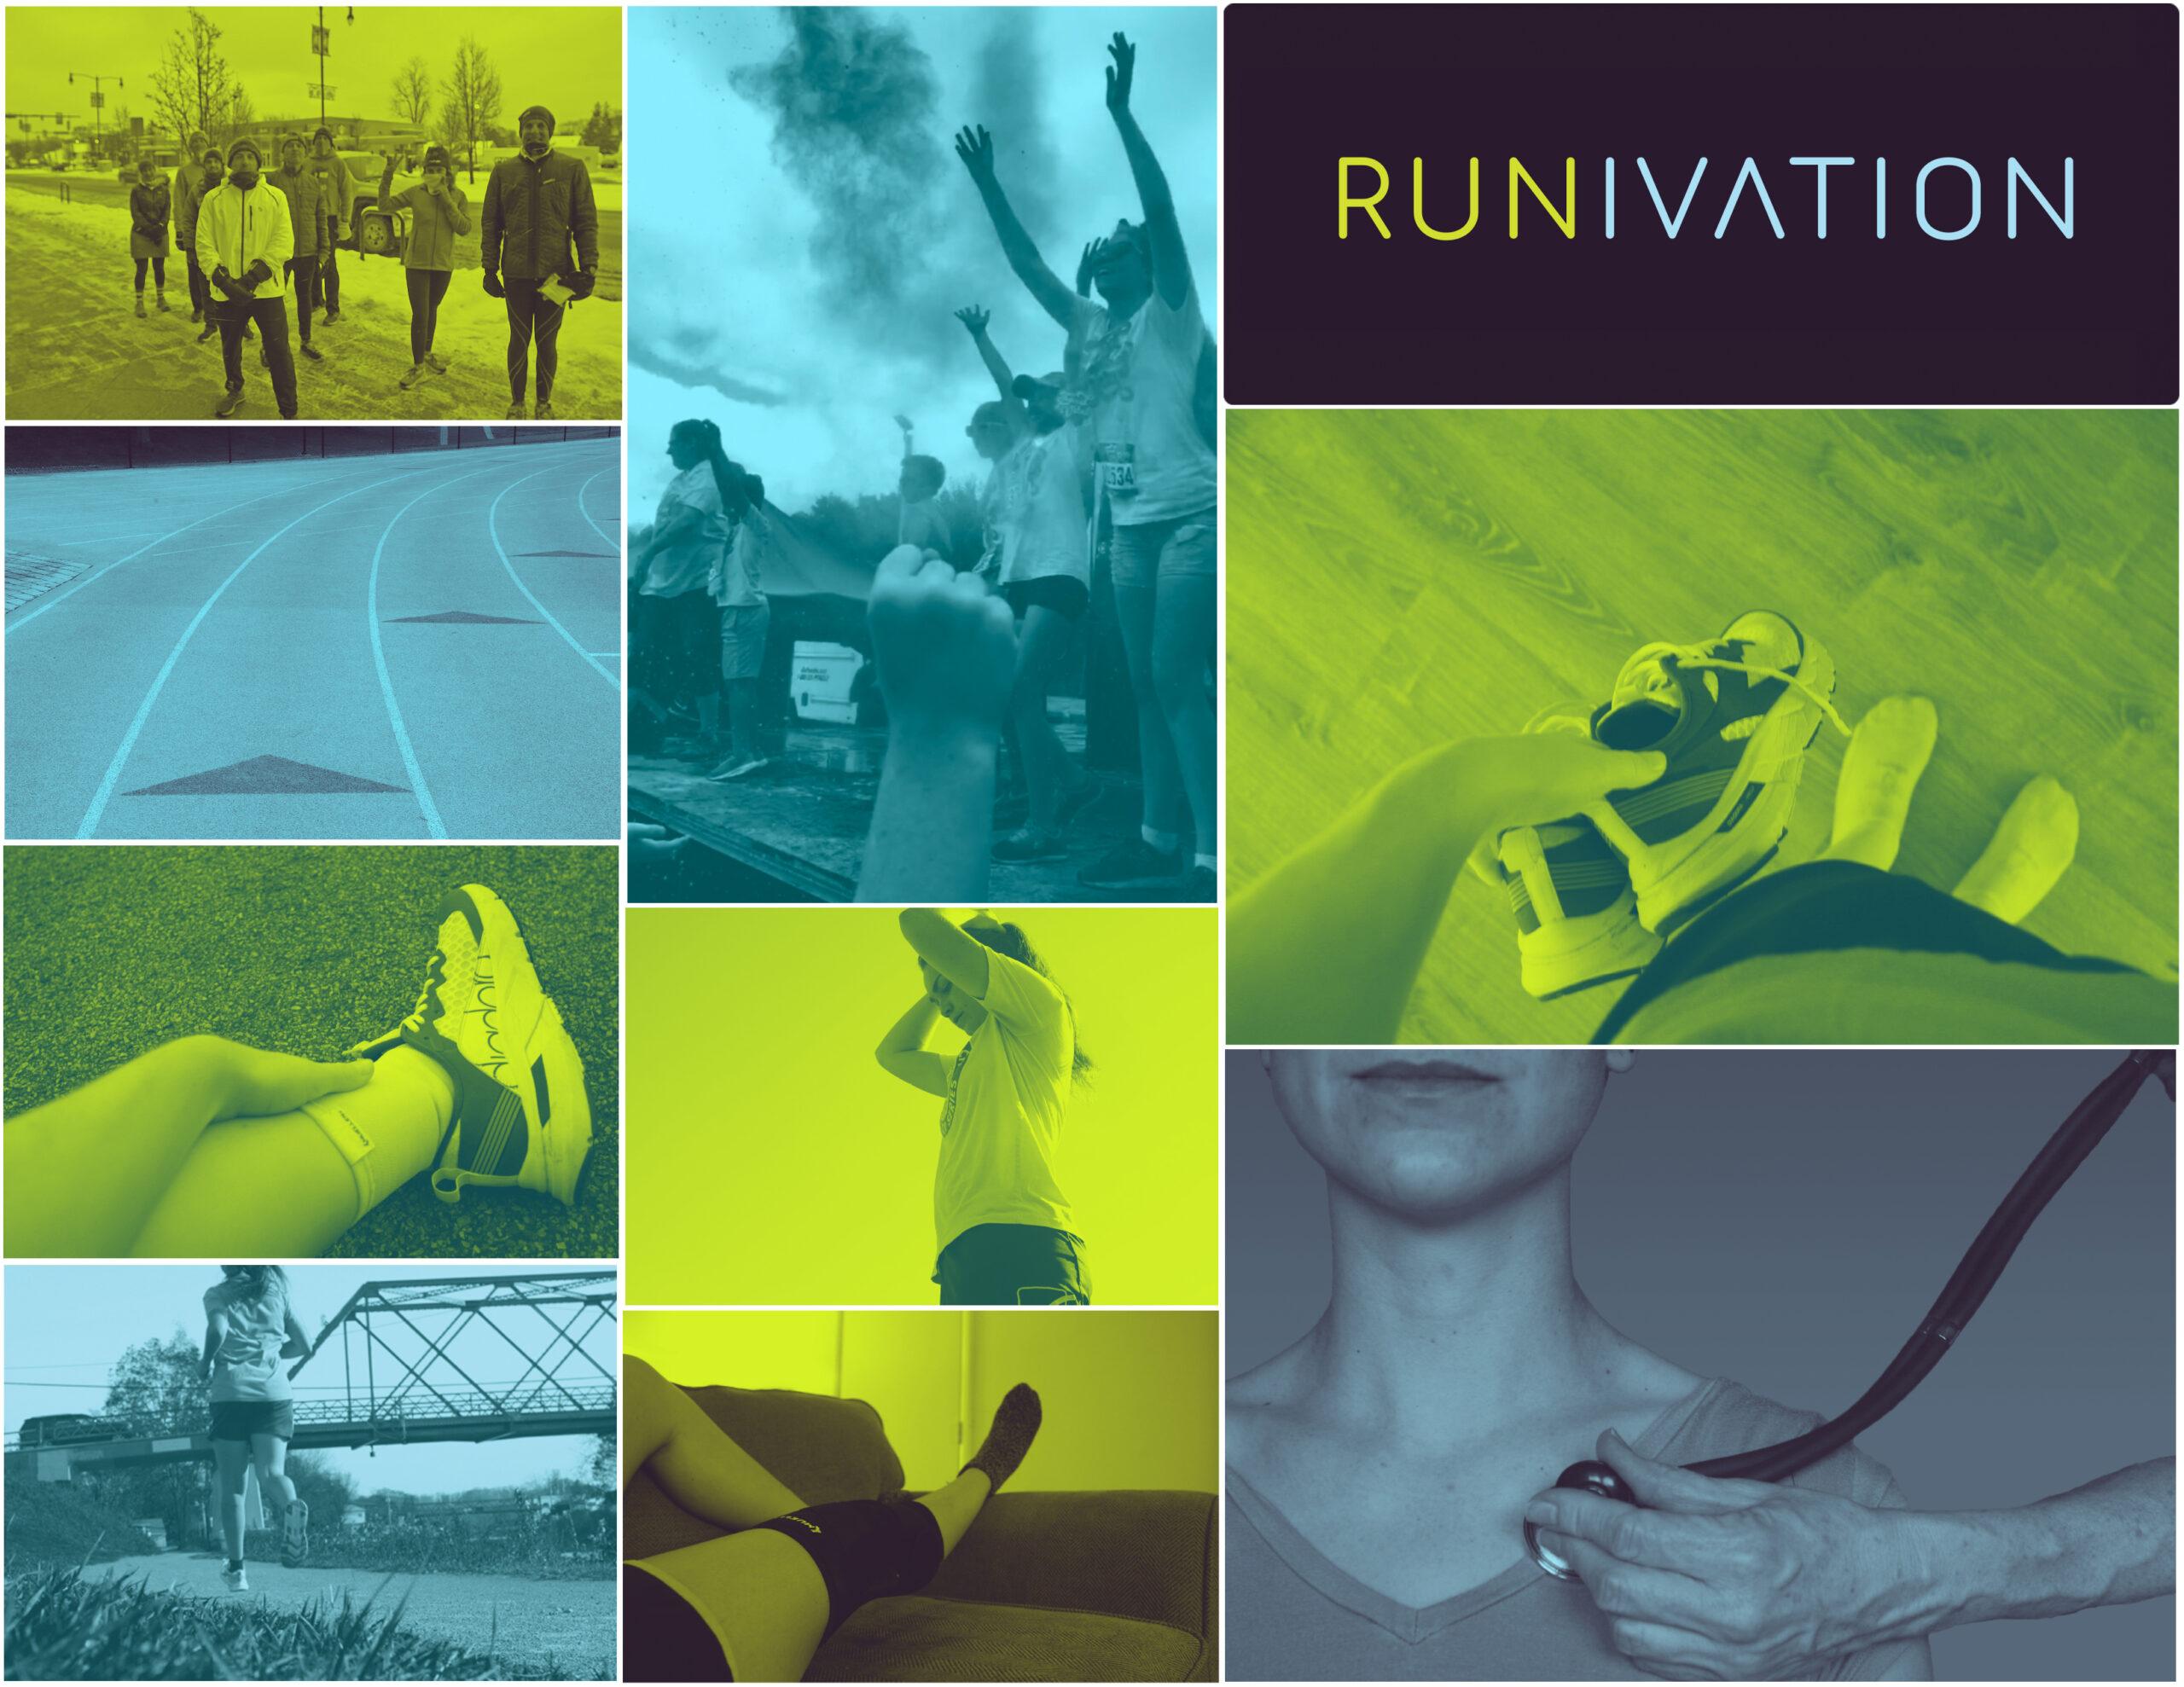 Runivation